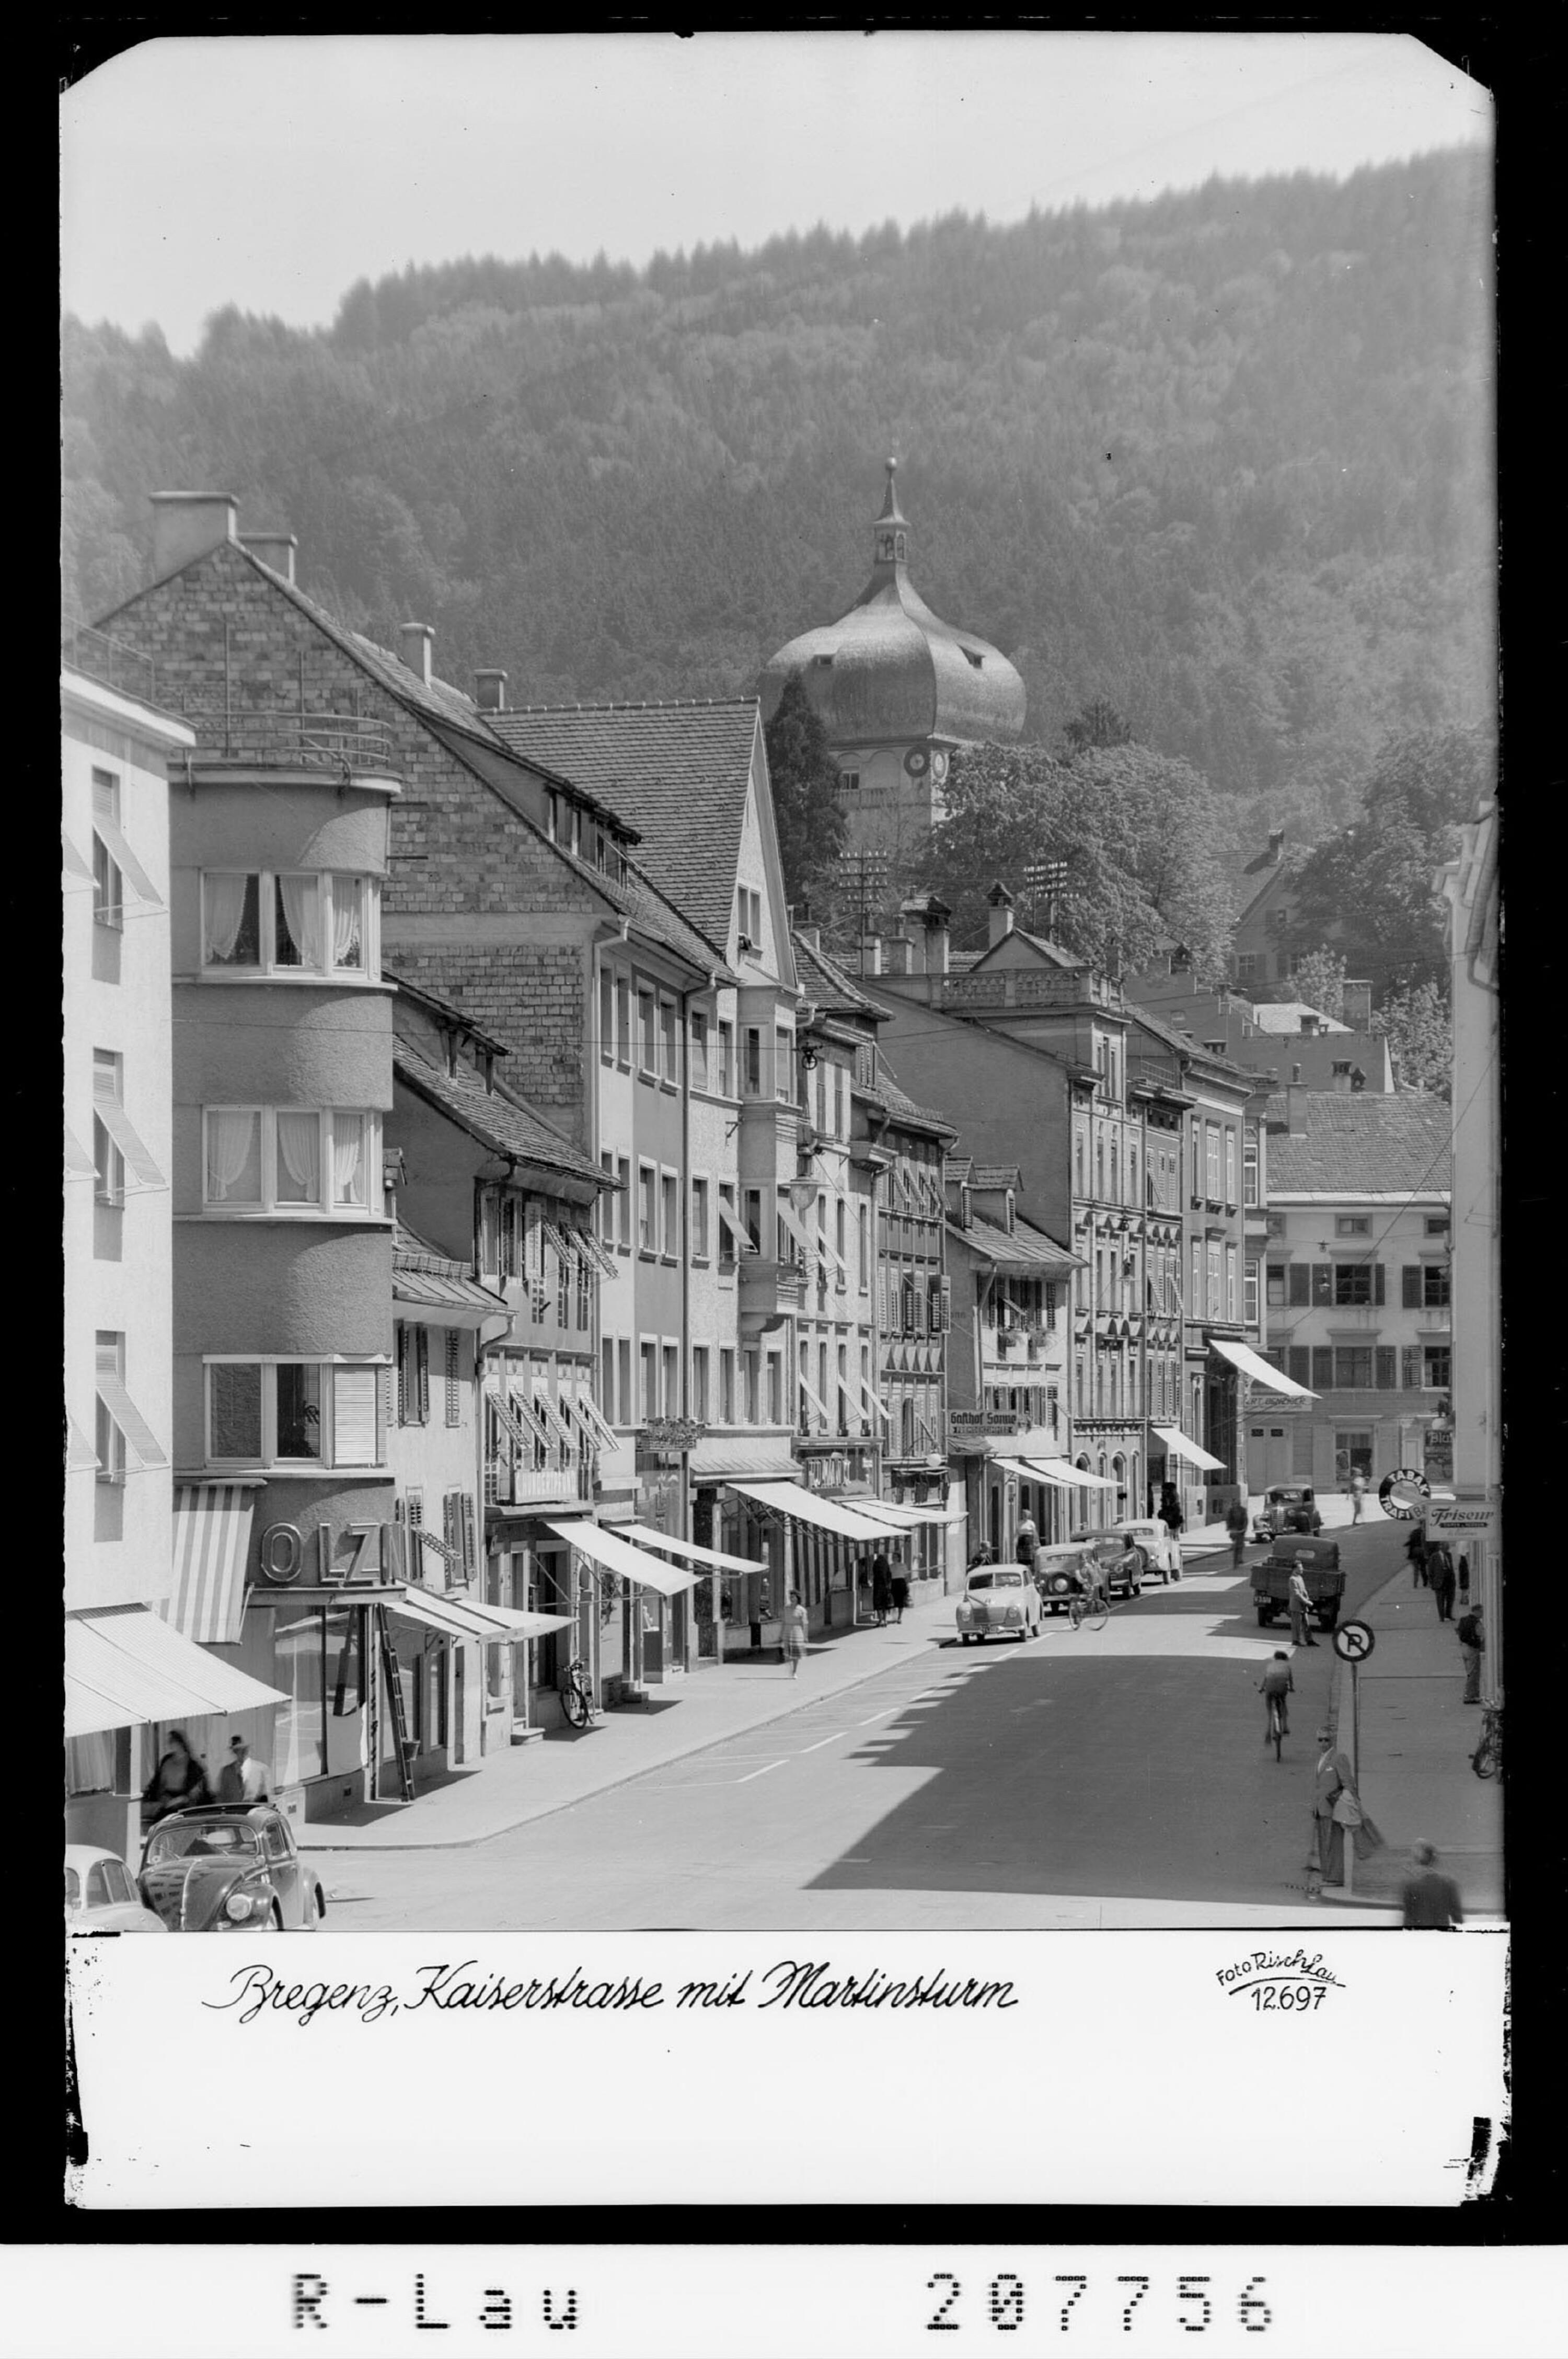 Bregenz / Kaiserstrasse mit Martinsturm von Risch-Lau